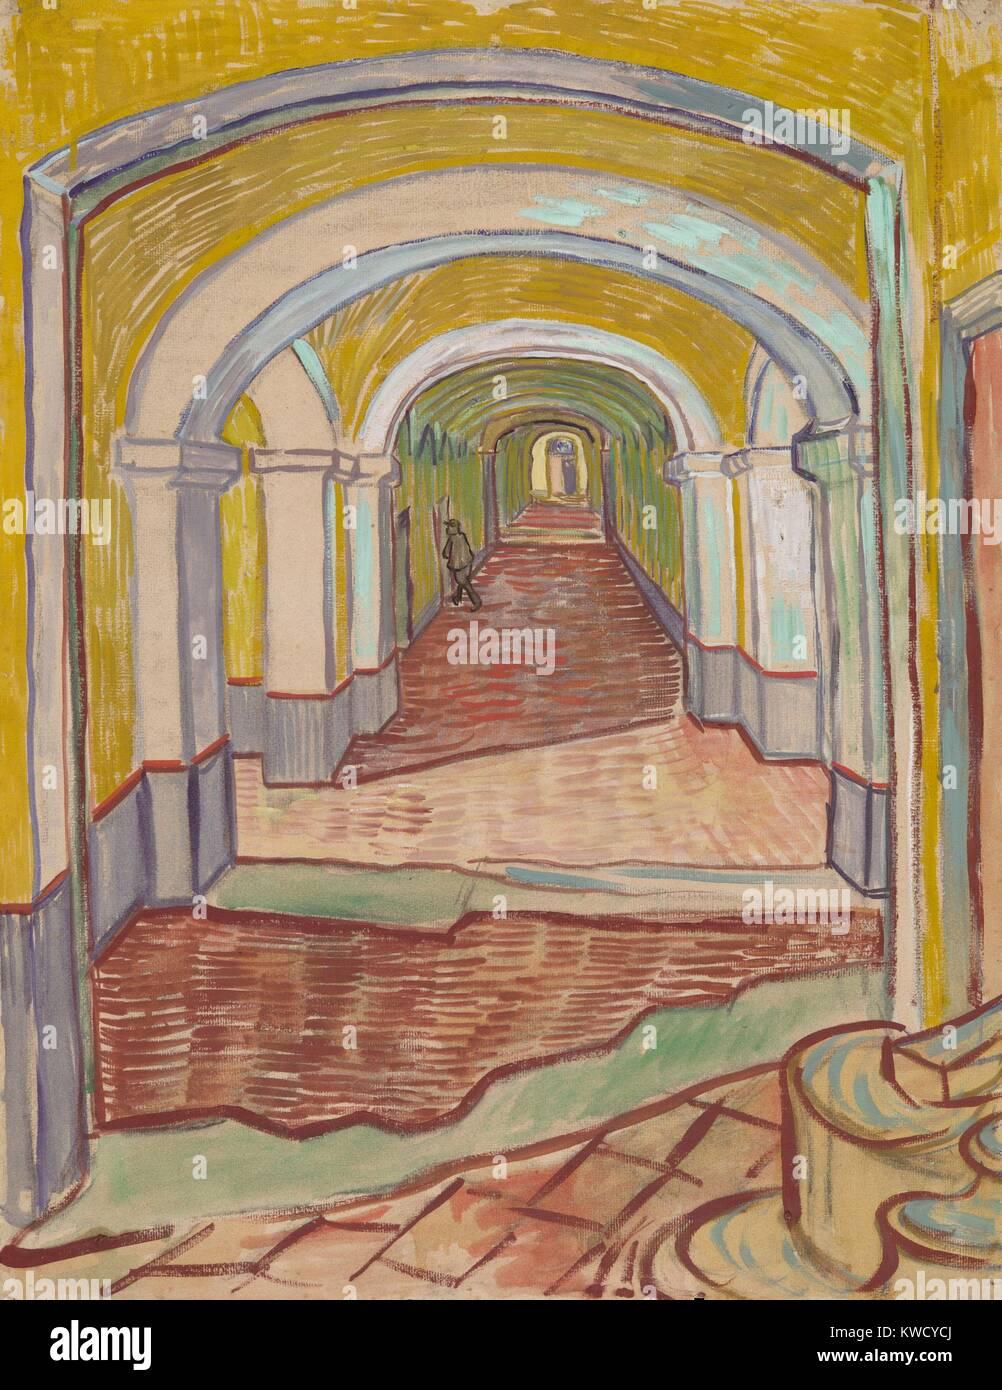 Corridoio All Asilo Di Vincent Van Gogh 1889 Olandese Post